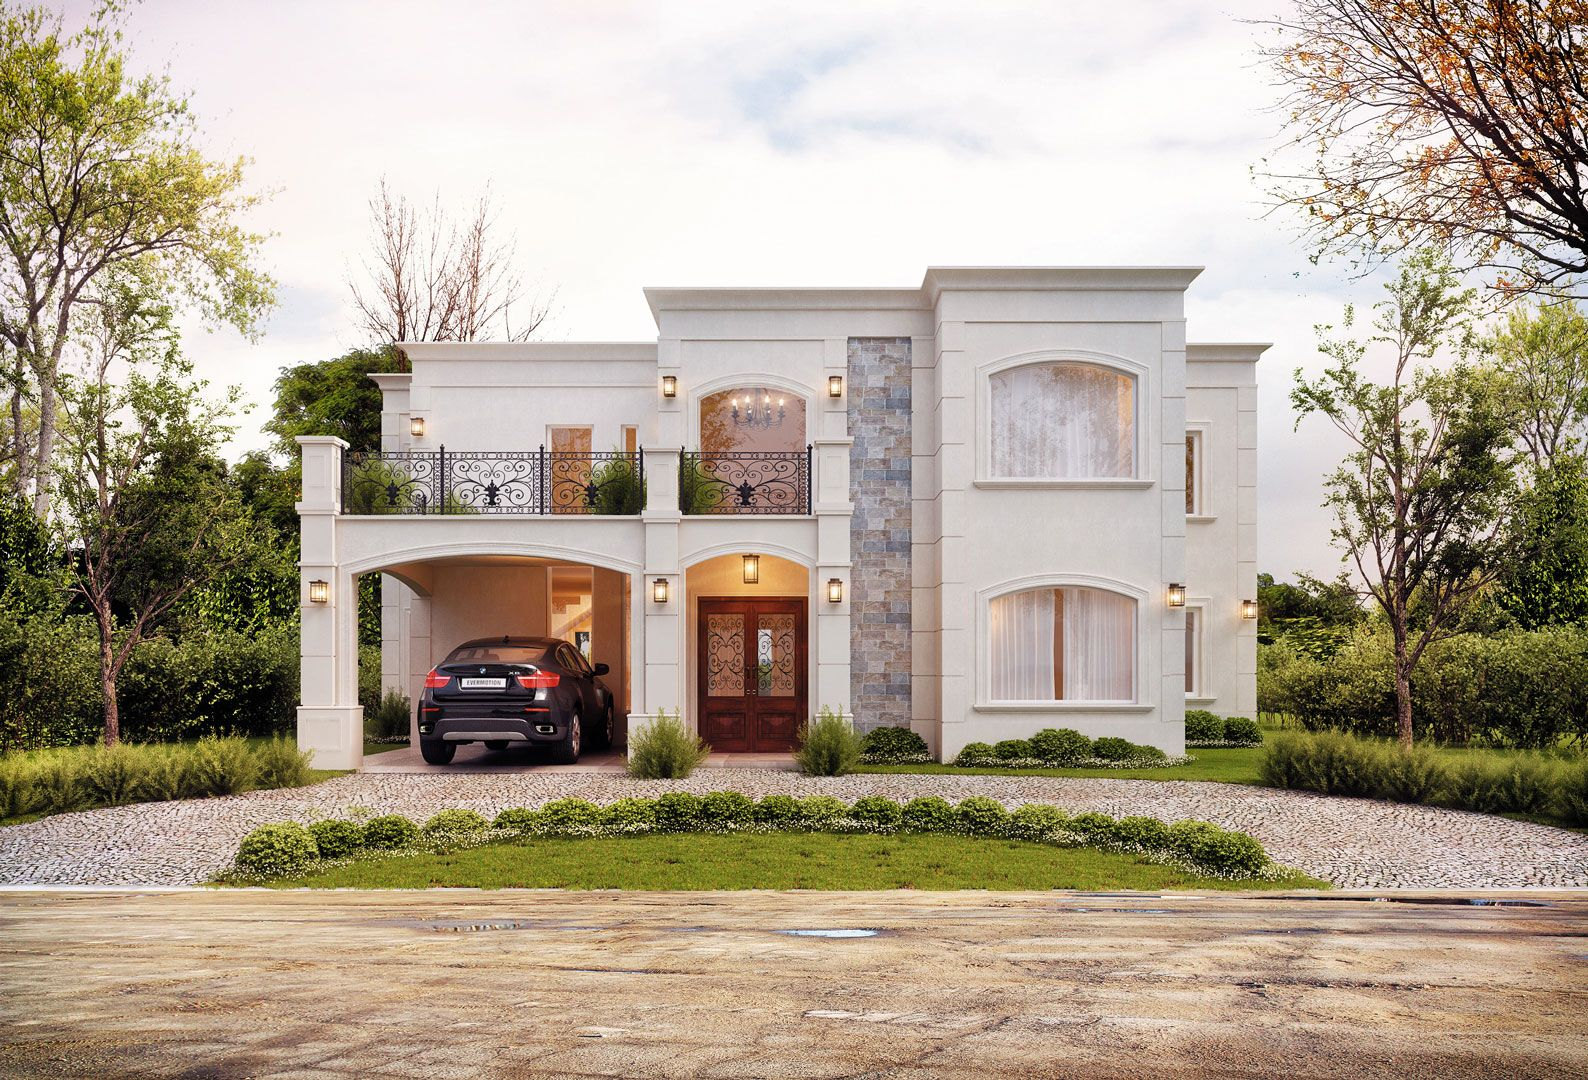 Galeria fotos estudio nf y asociados arquitecto for Casas clasicas modernas